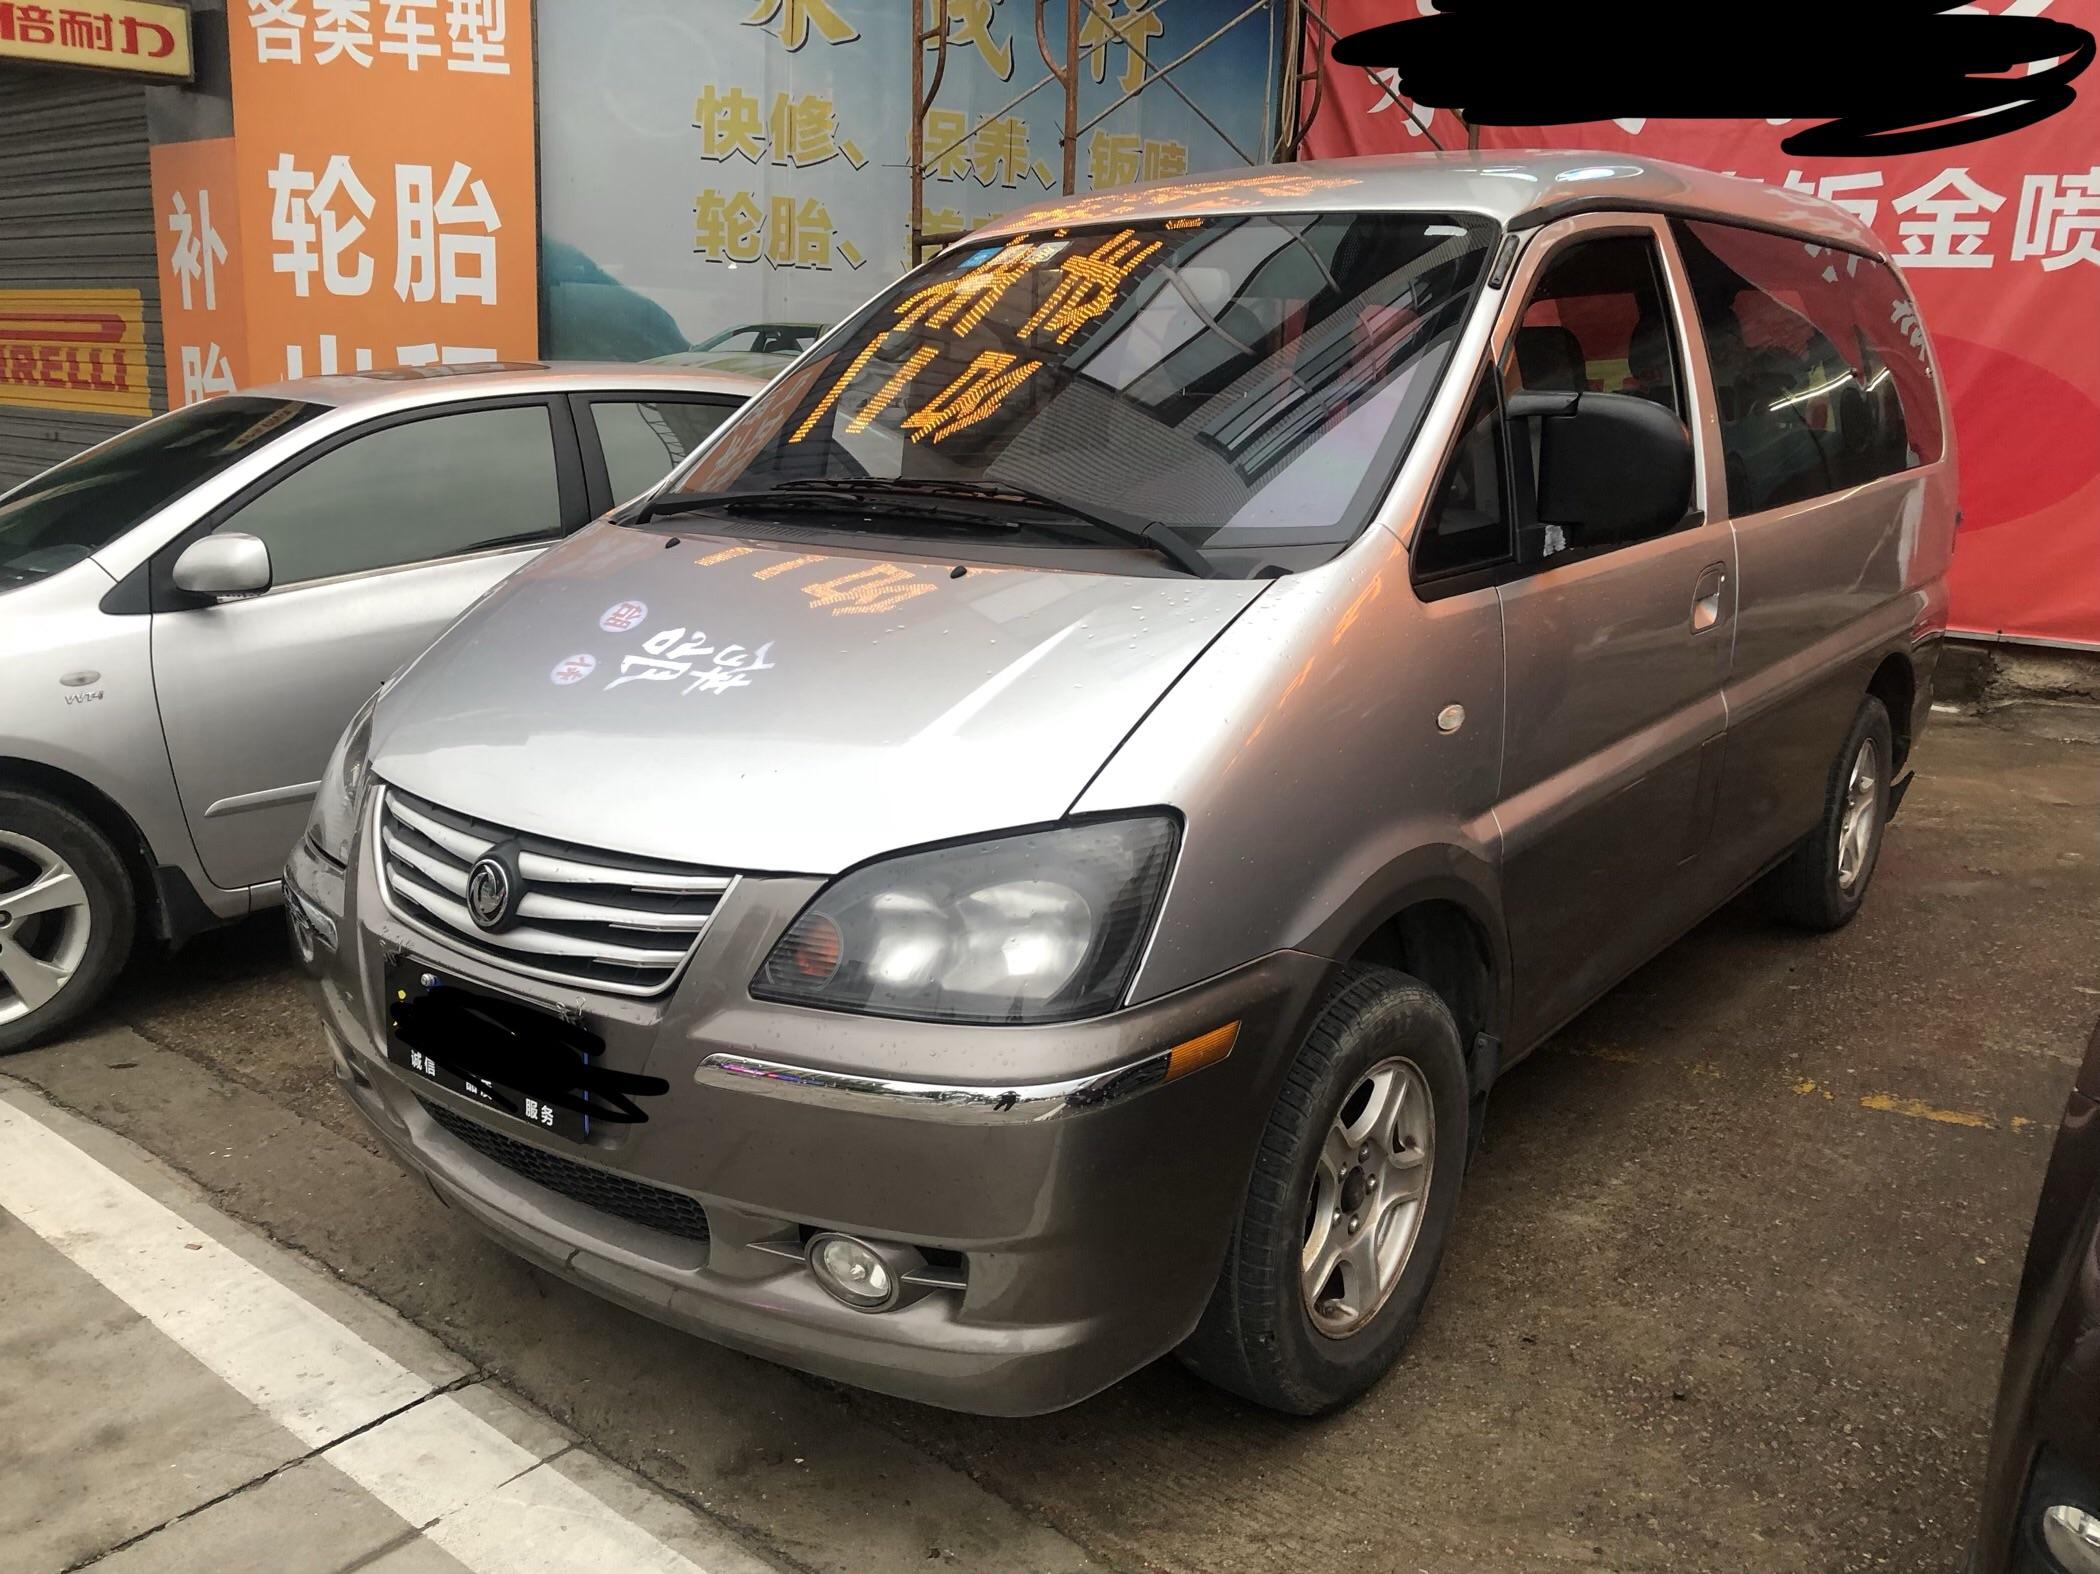 东风风行菱智 2014款 M3 1.6L 7座舒适型